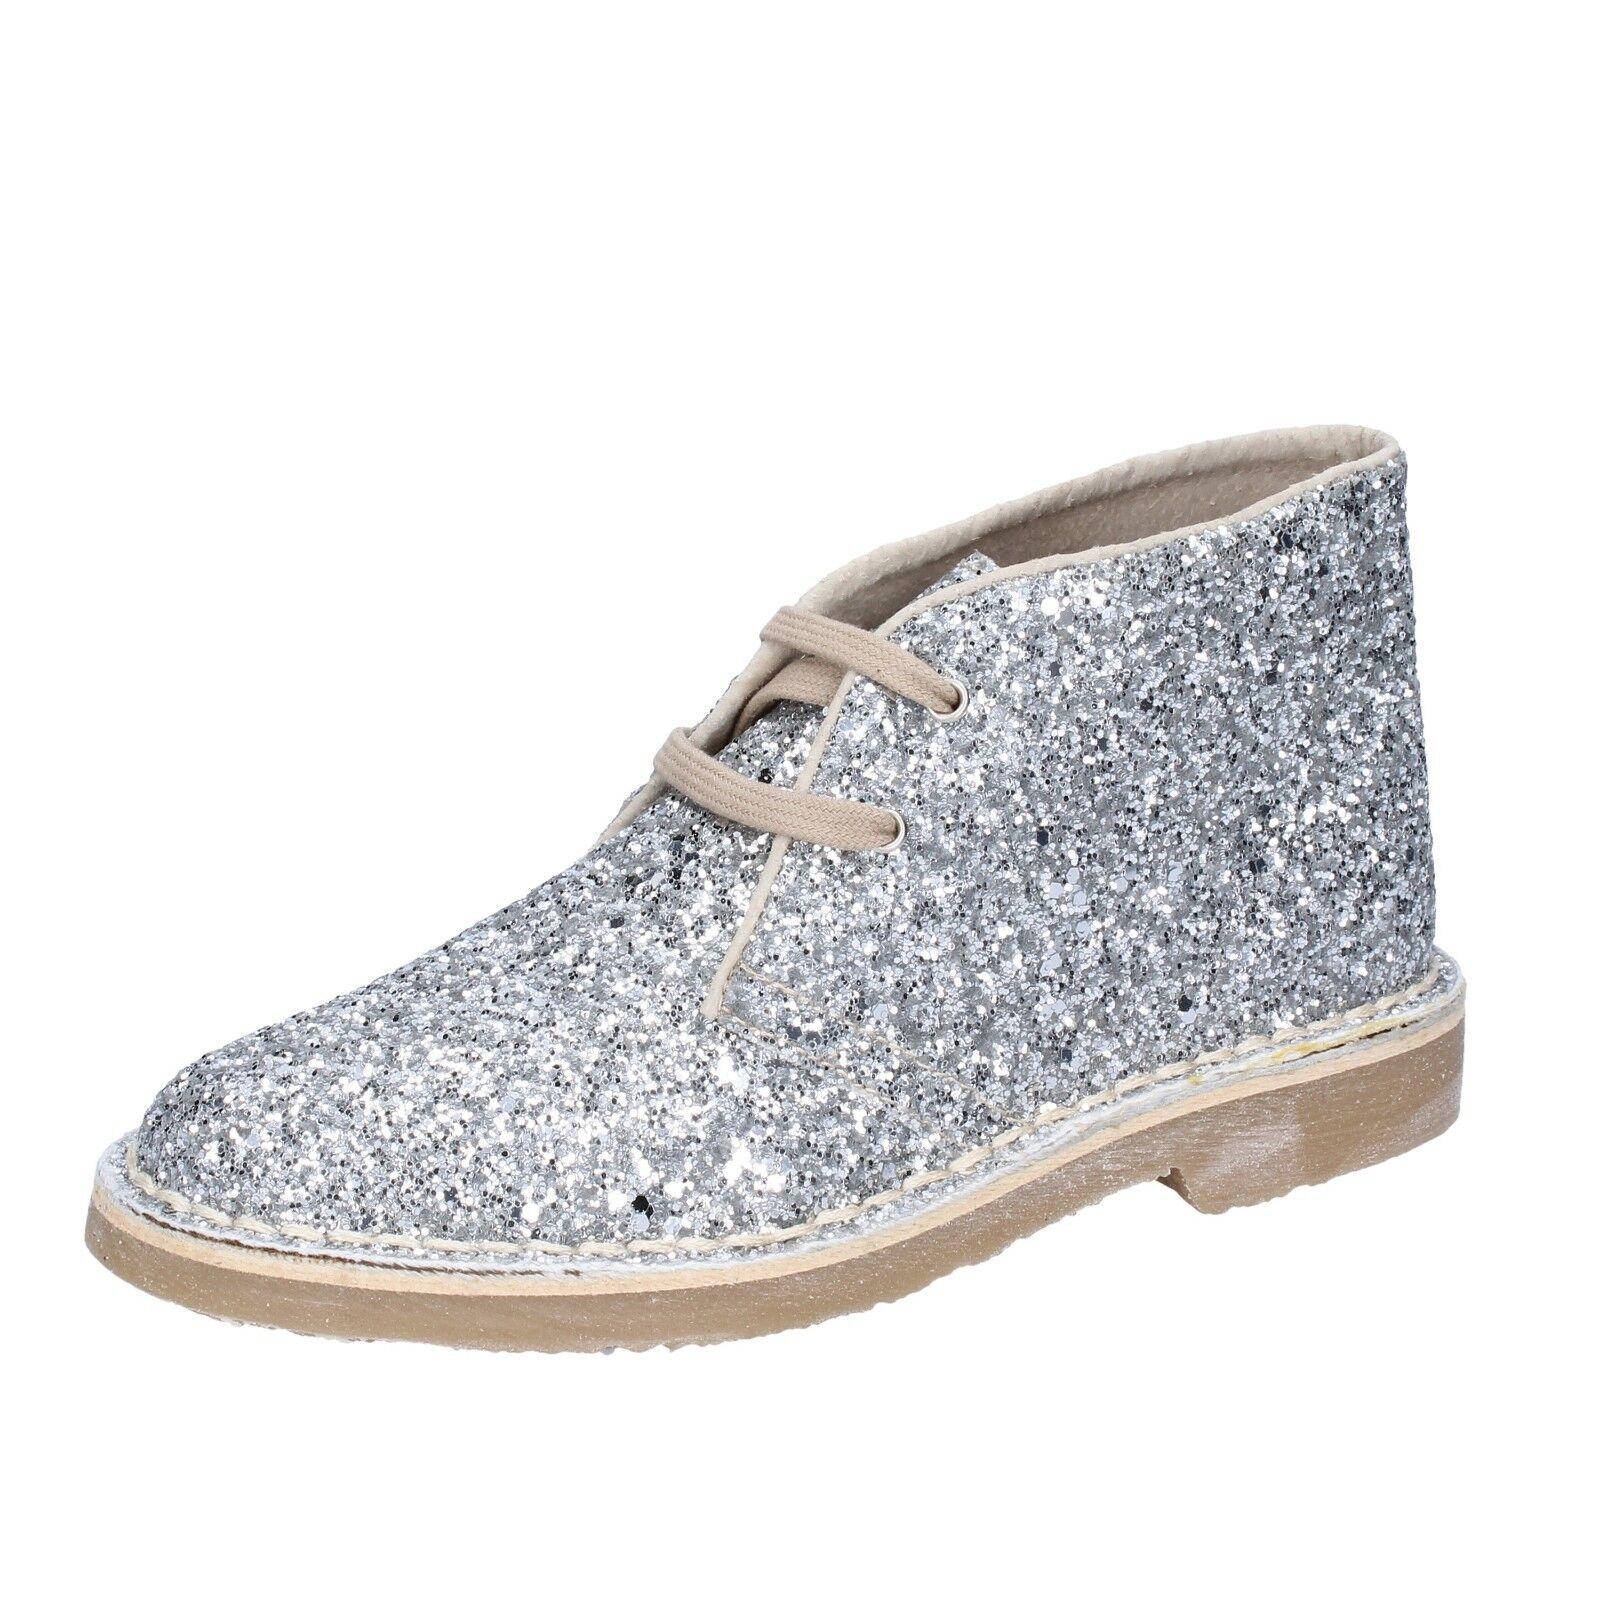 Womens shoes FIRPO 3 (EU 36) desert boots silver glitter BT897-36